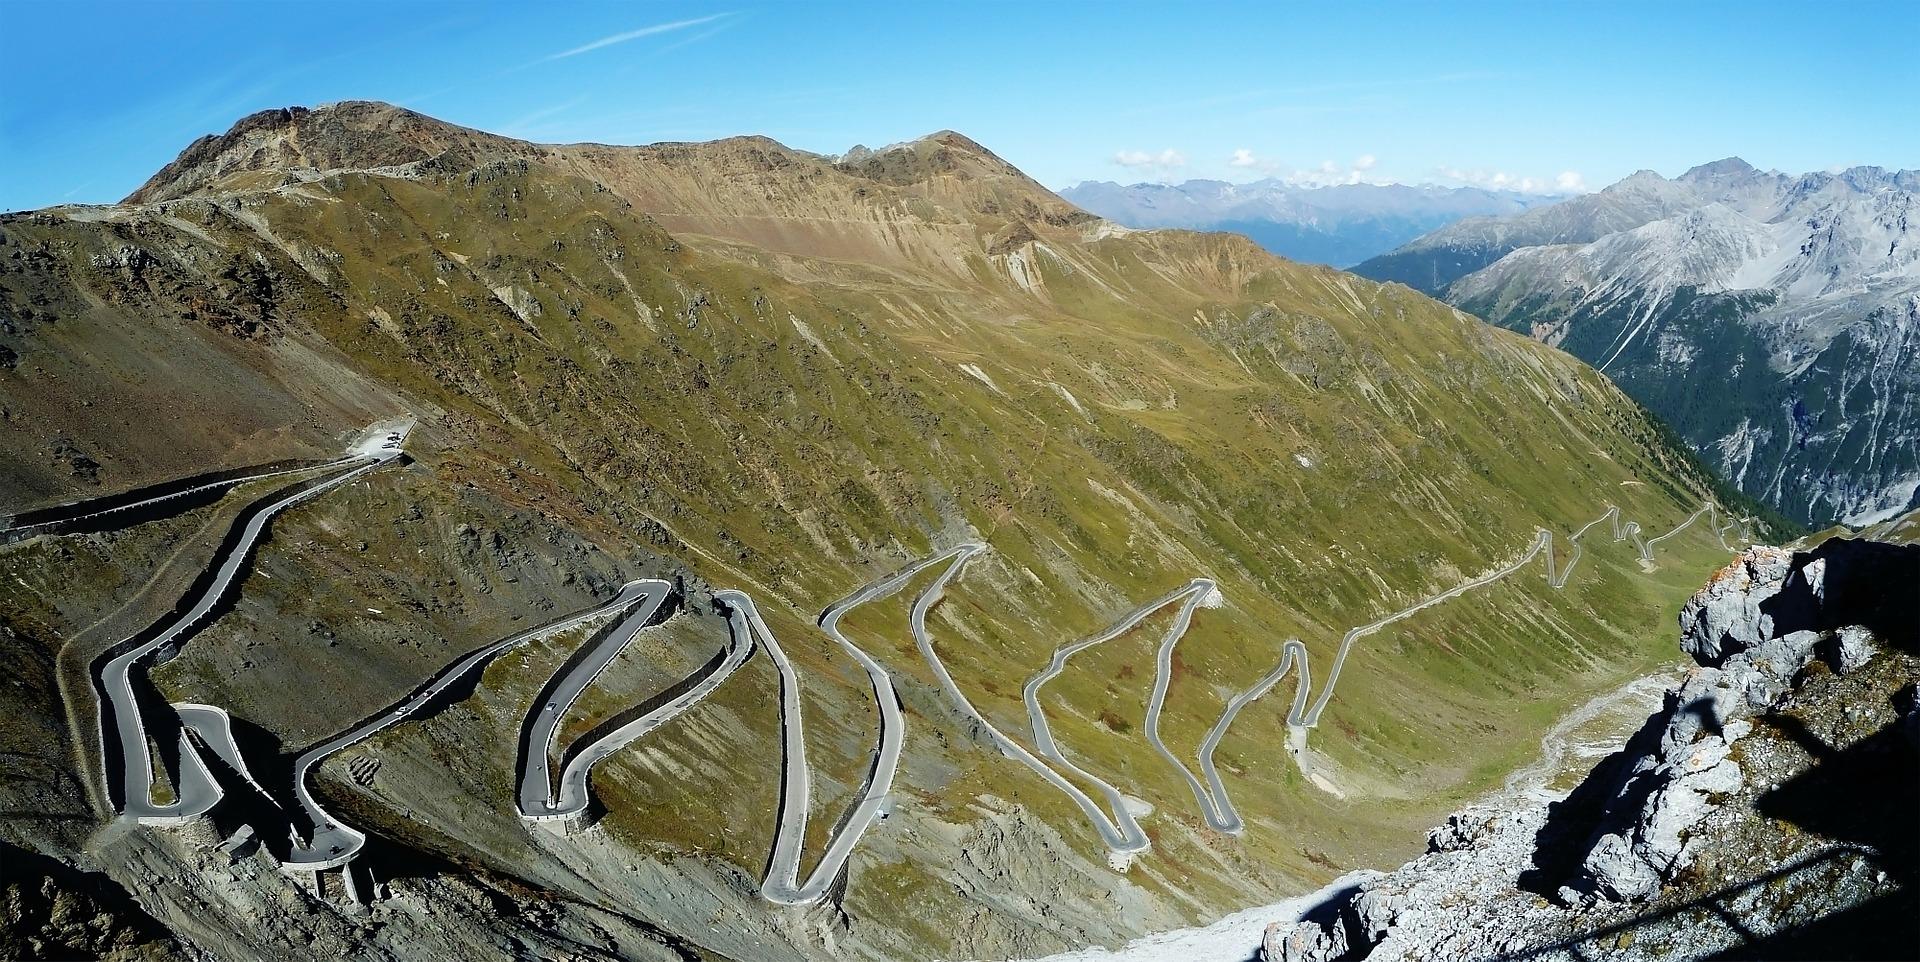 Stelvio Pass in Italy